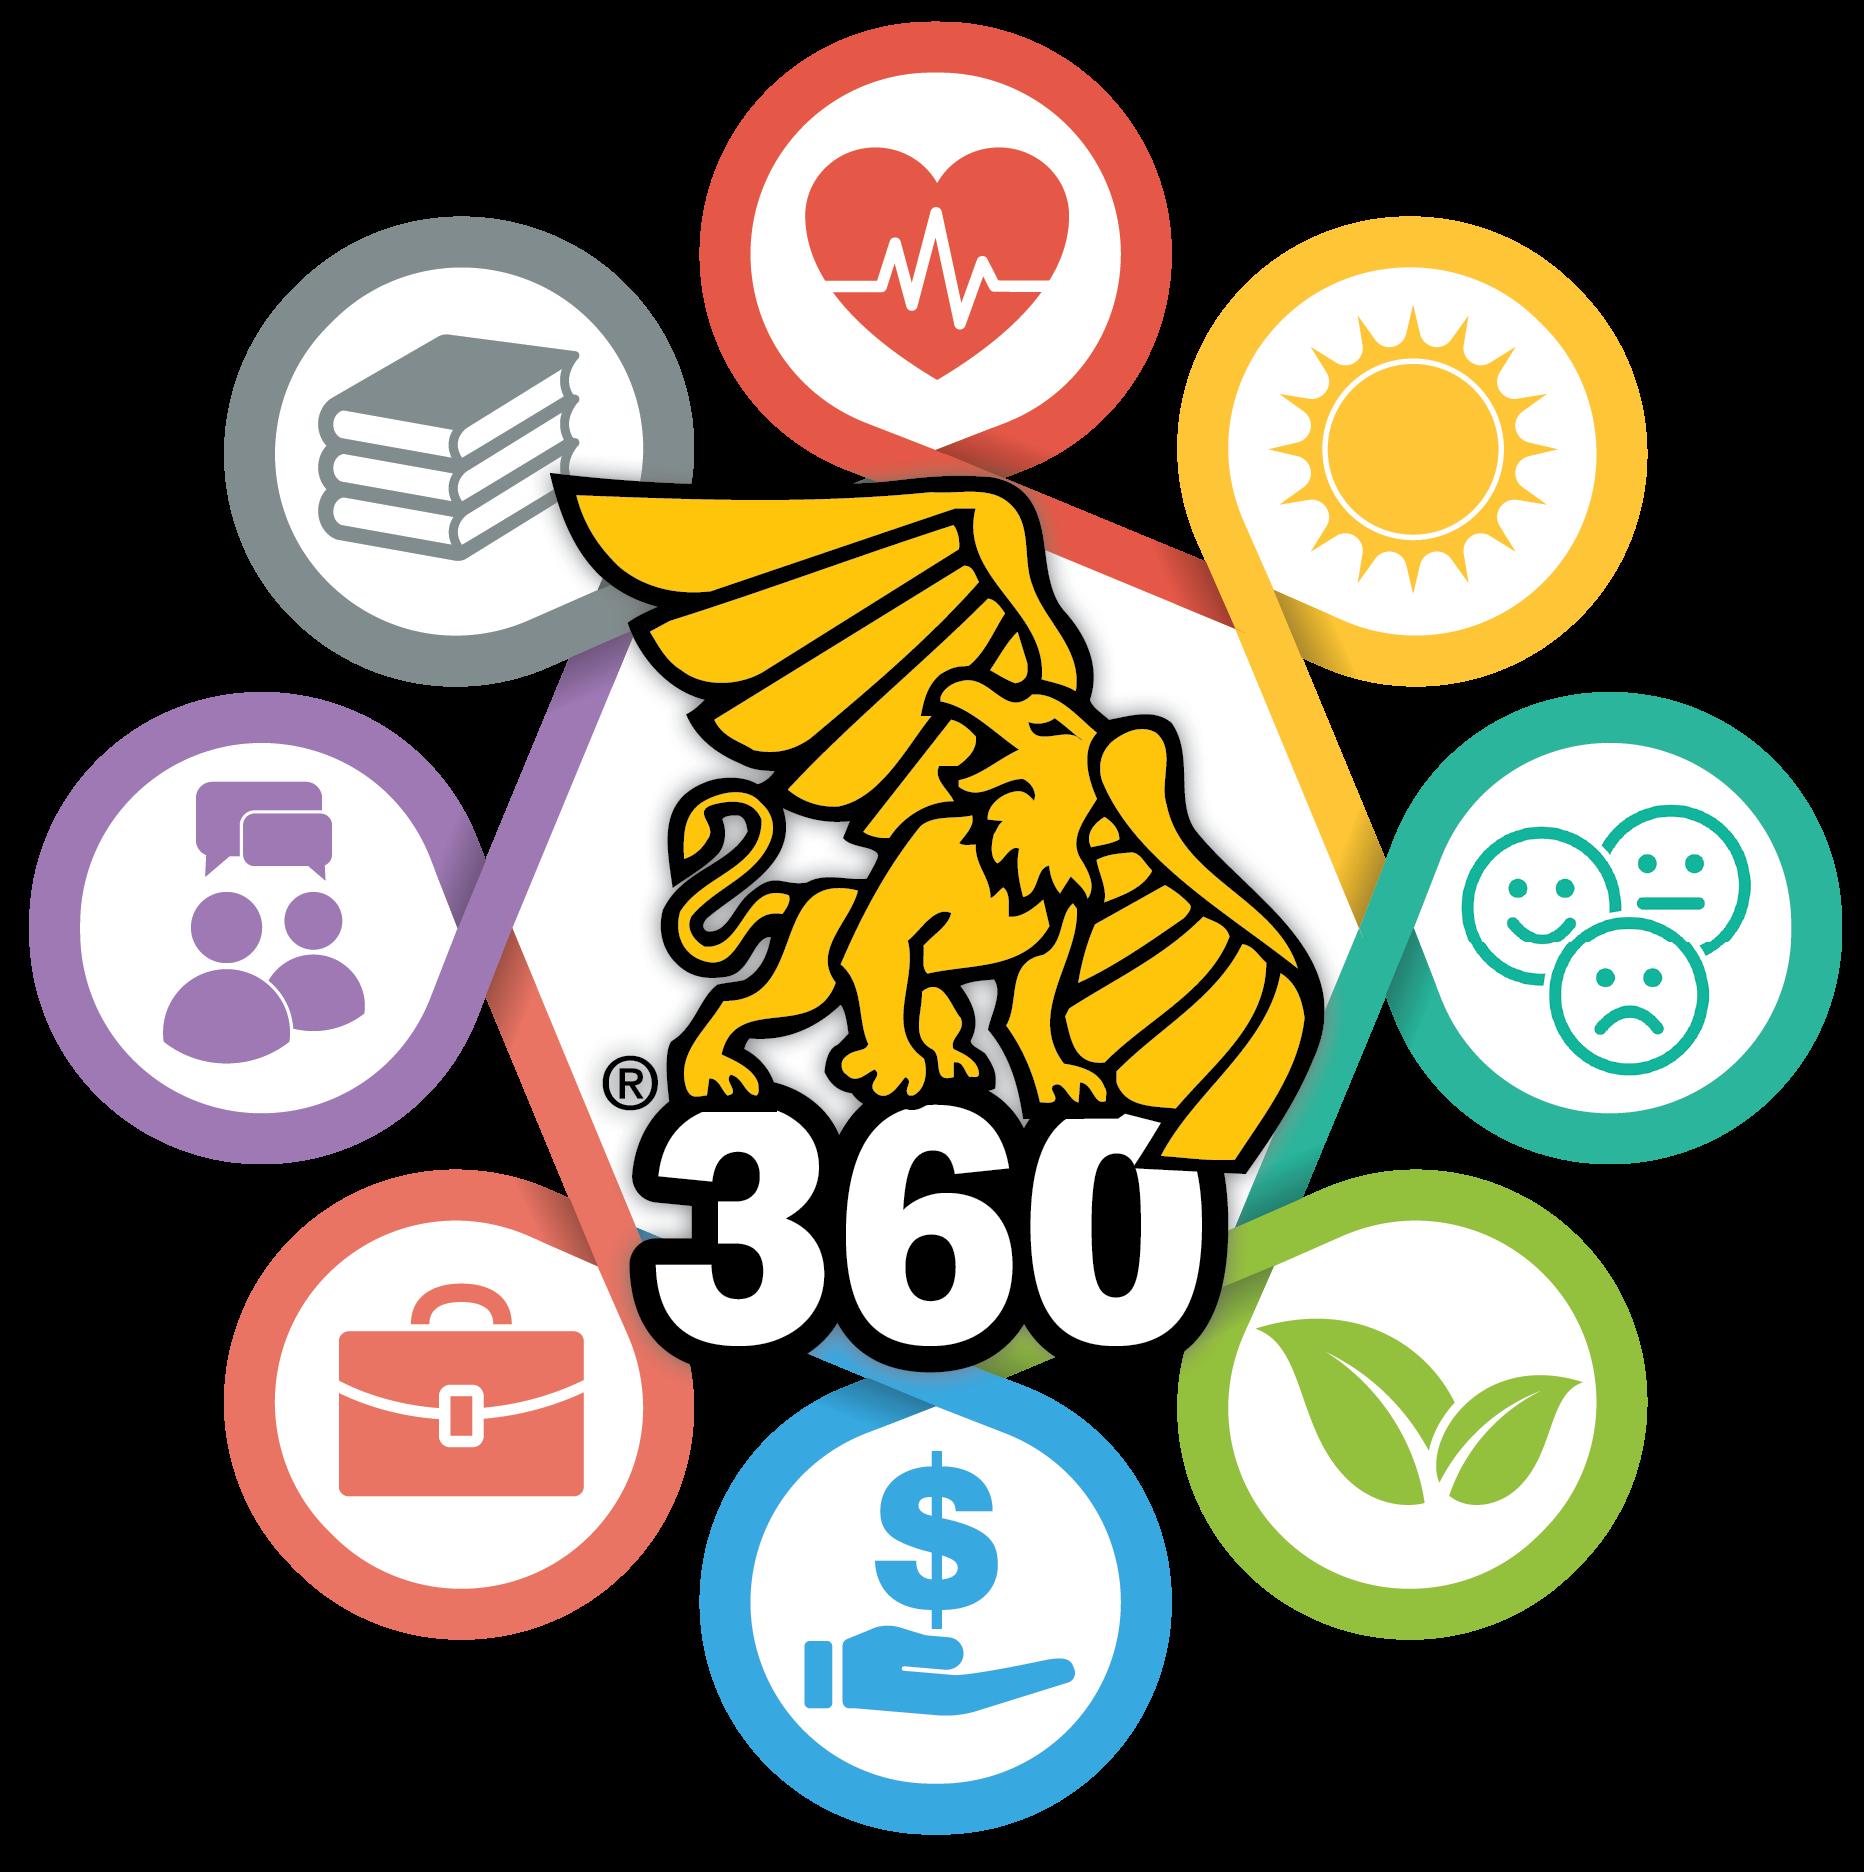 Grffon360 logo